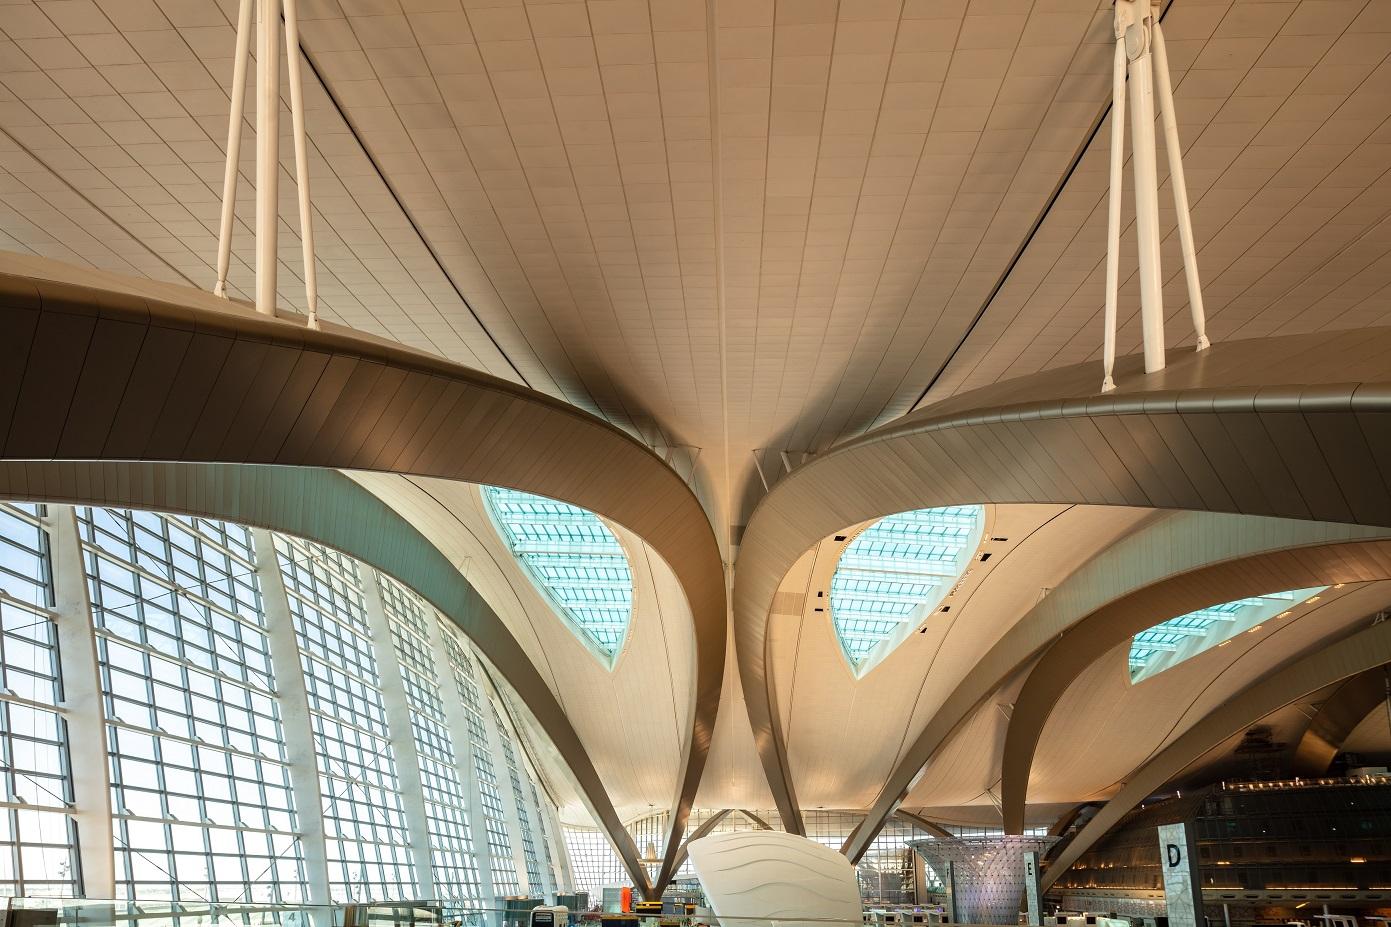 1200 وفد عالمي و75 شركة و120 متحدثاً يشاركون فى معرض ومؤتمر تبادل المطارات بأبوظبي